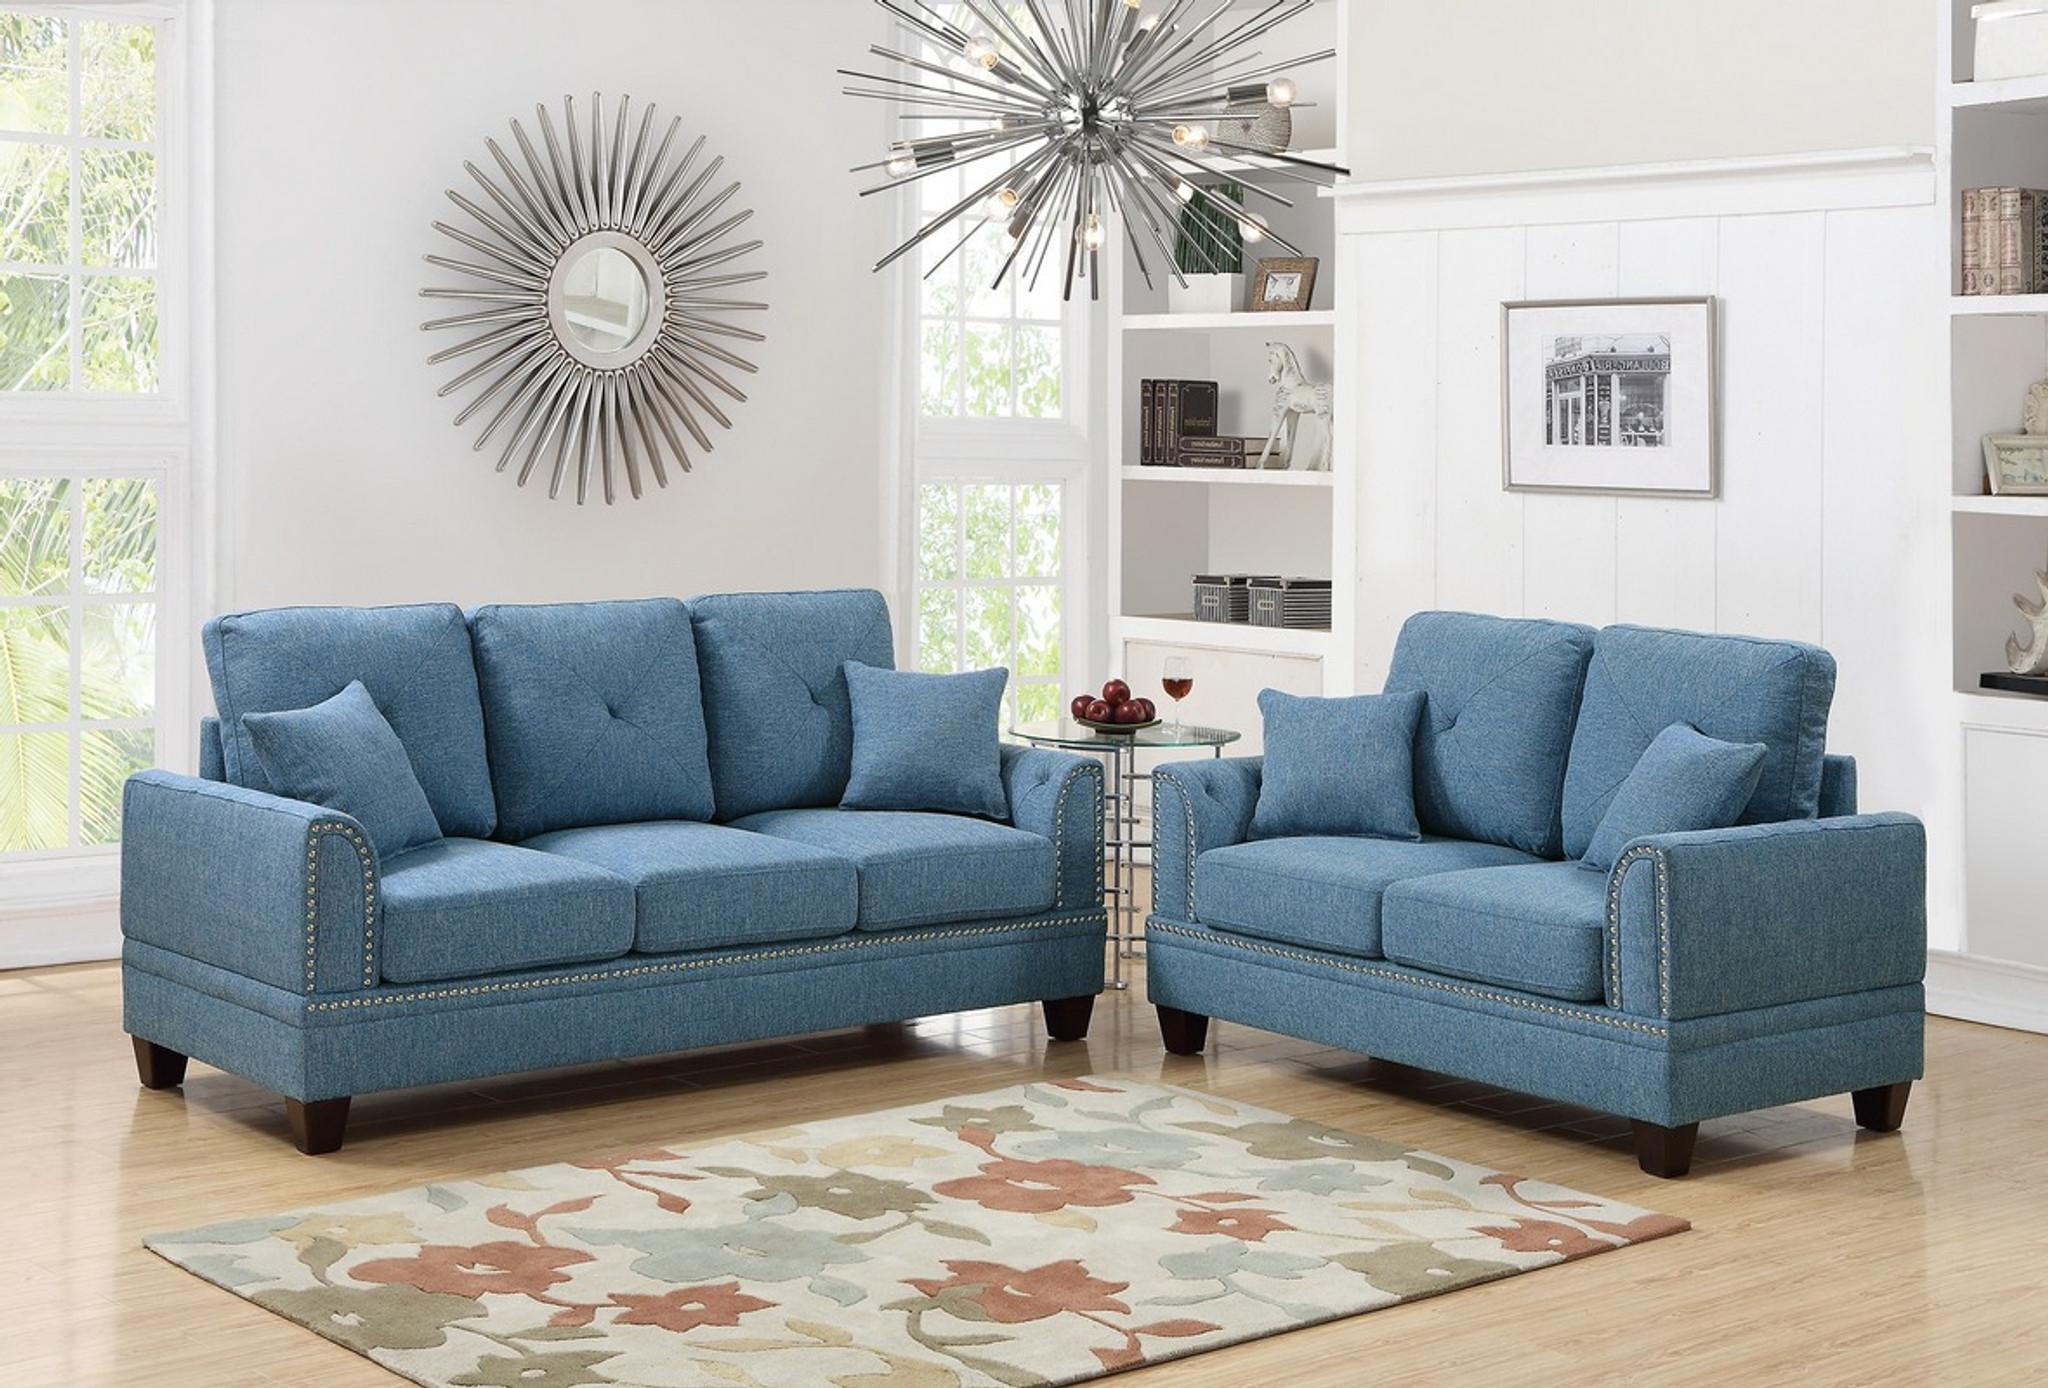 Sensational 2Pcs Blue Color Sofa Set Creativecarmelina Interior Chair Design Creativecarmelinacom